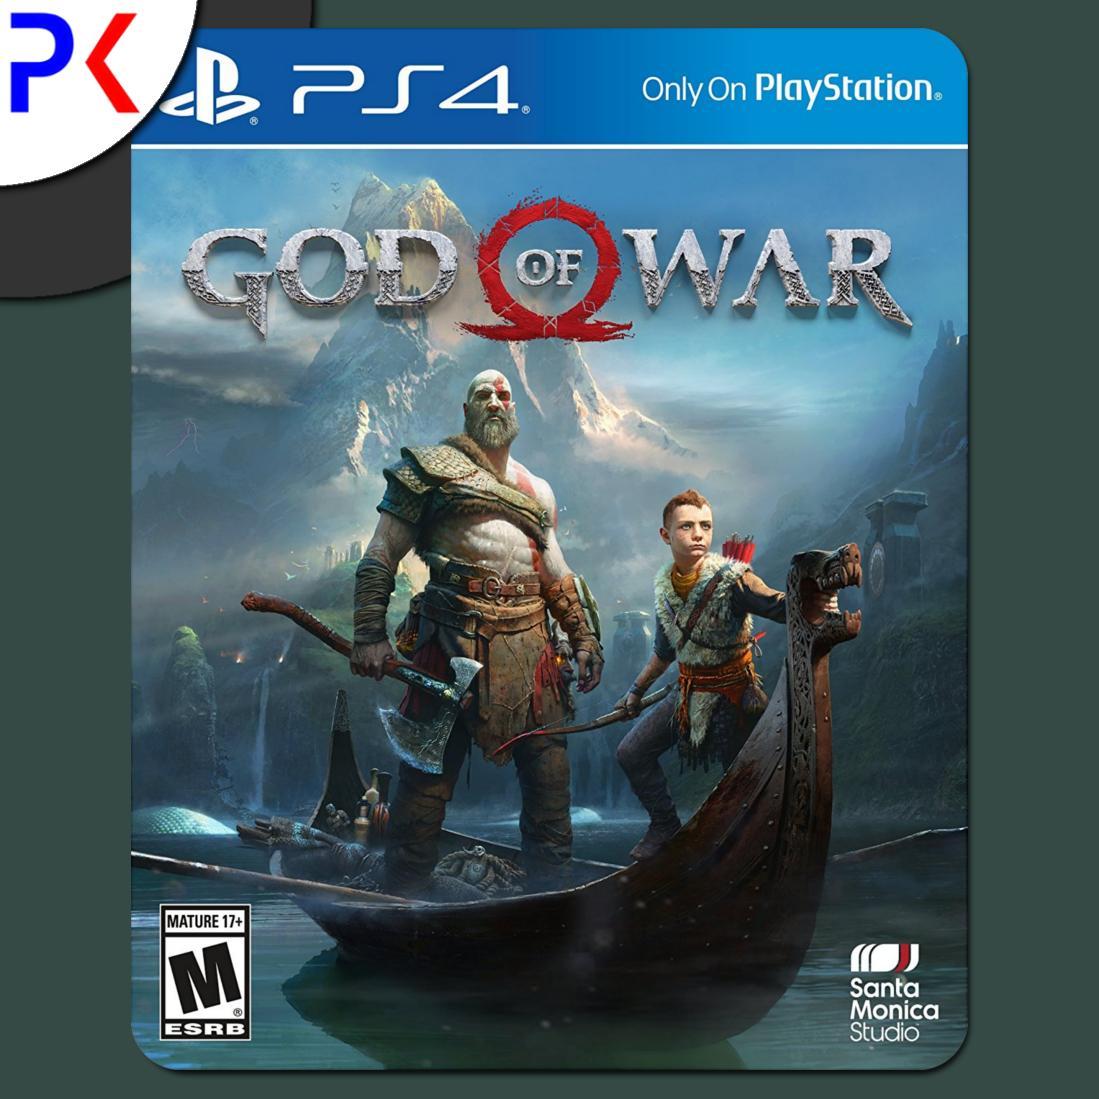 Buy Online Psp Games Best Sellers Lazada Kaset Xbox 360 Fifa 2018 Ps4 God Of War R3